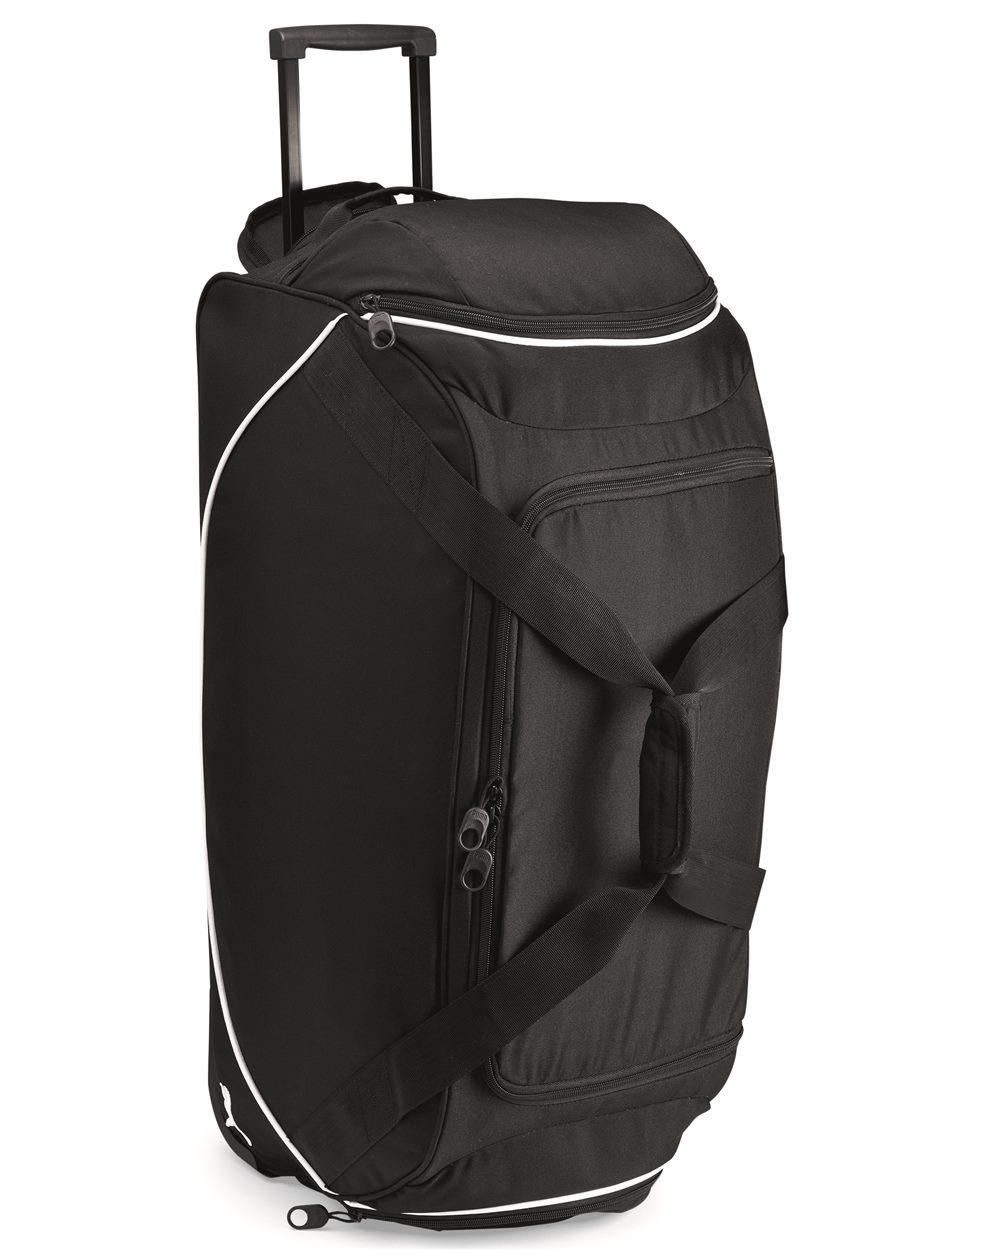 66c08ee2c Tigi Rolling Bag - from $8.39